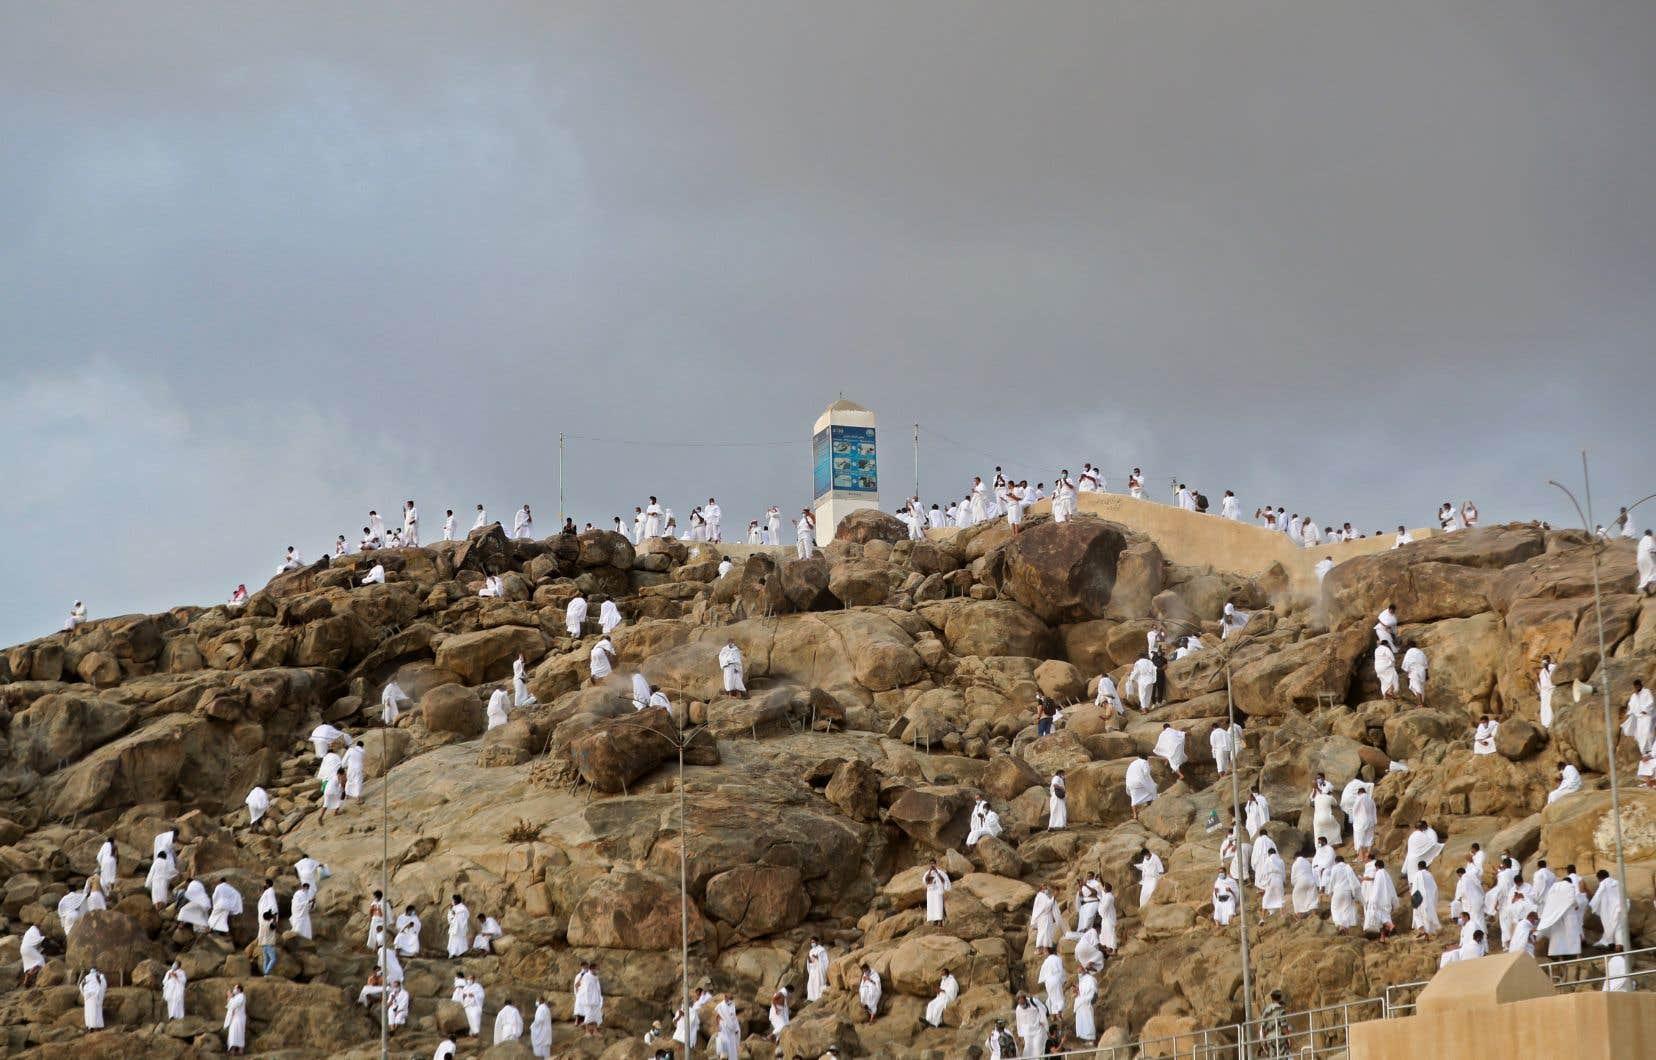 Des tonnes de déchets sont habituellement laissées sur le mont Arafat par les fidèles qui y passent une journée lors de leur pèlerinage. Cette année, le nombre de pèlerins a été réduit en raison de la pandémie.